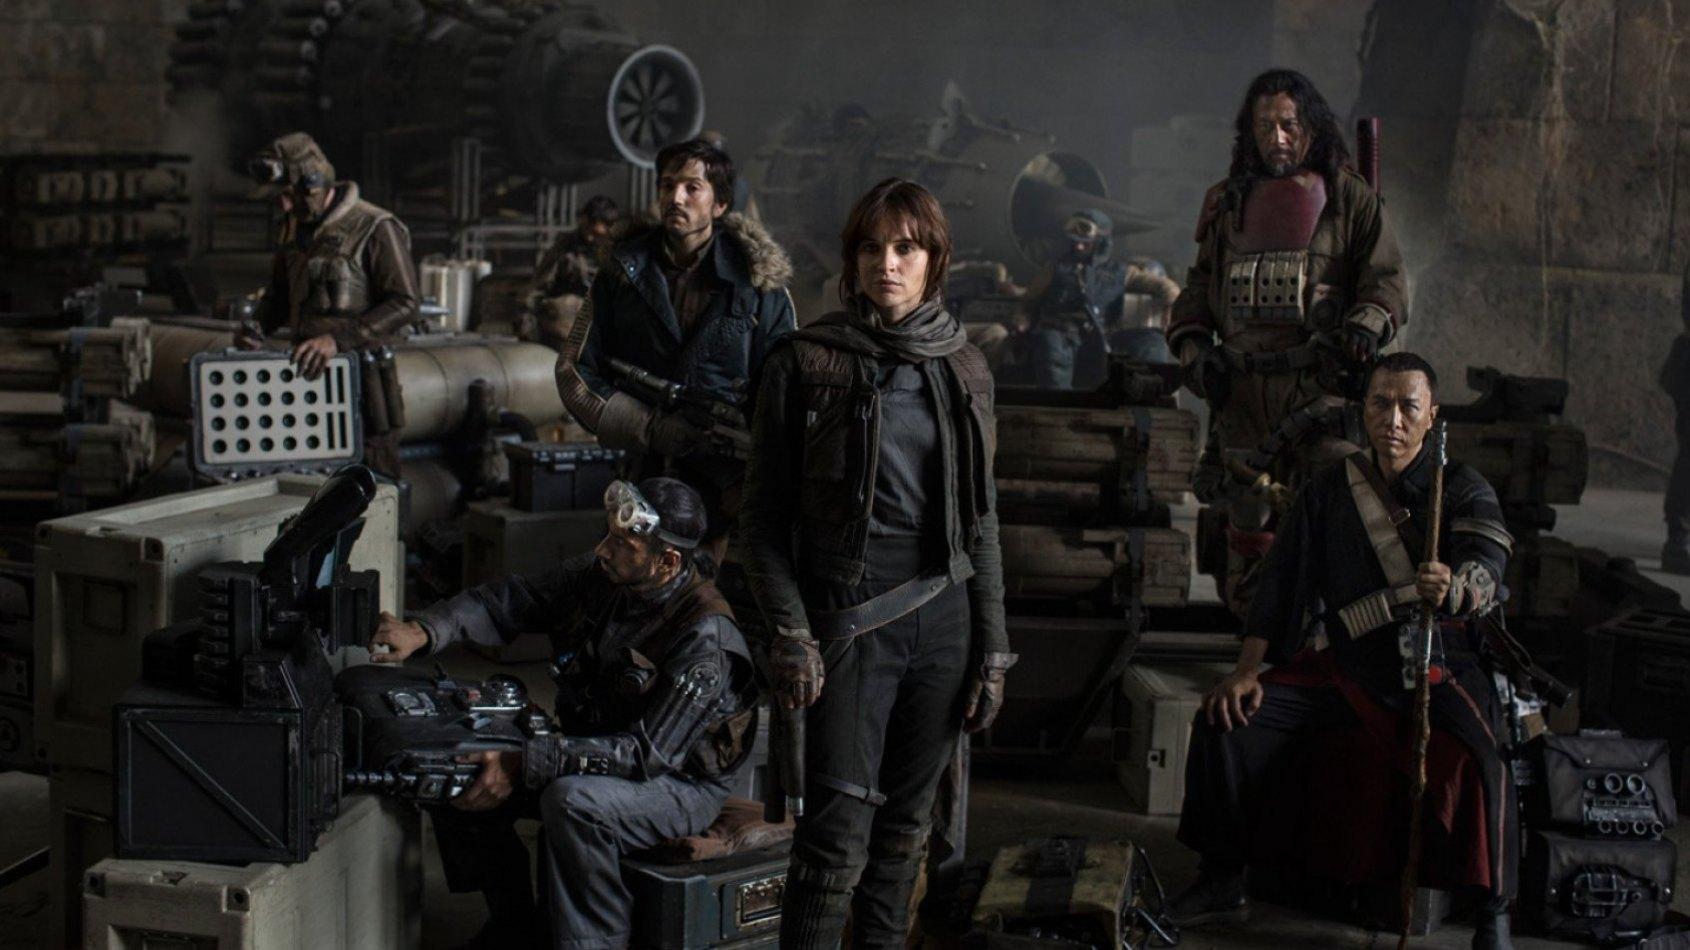 Un teaser de Rogue One aurait fuité